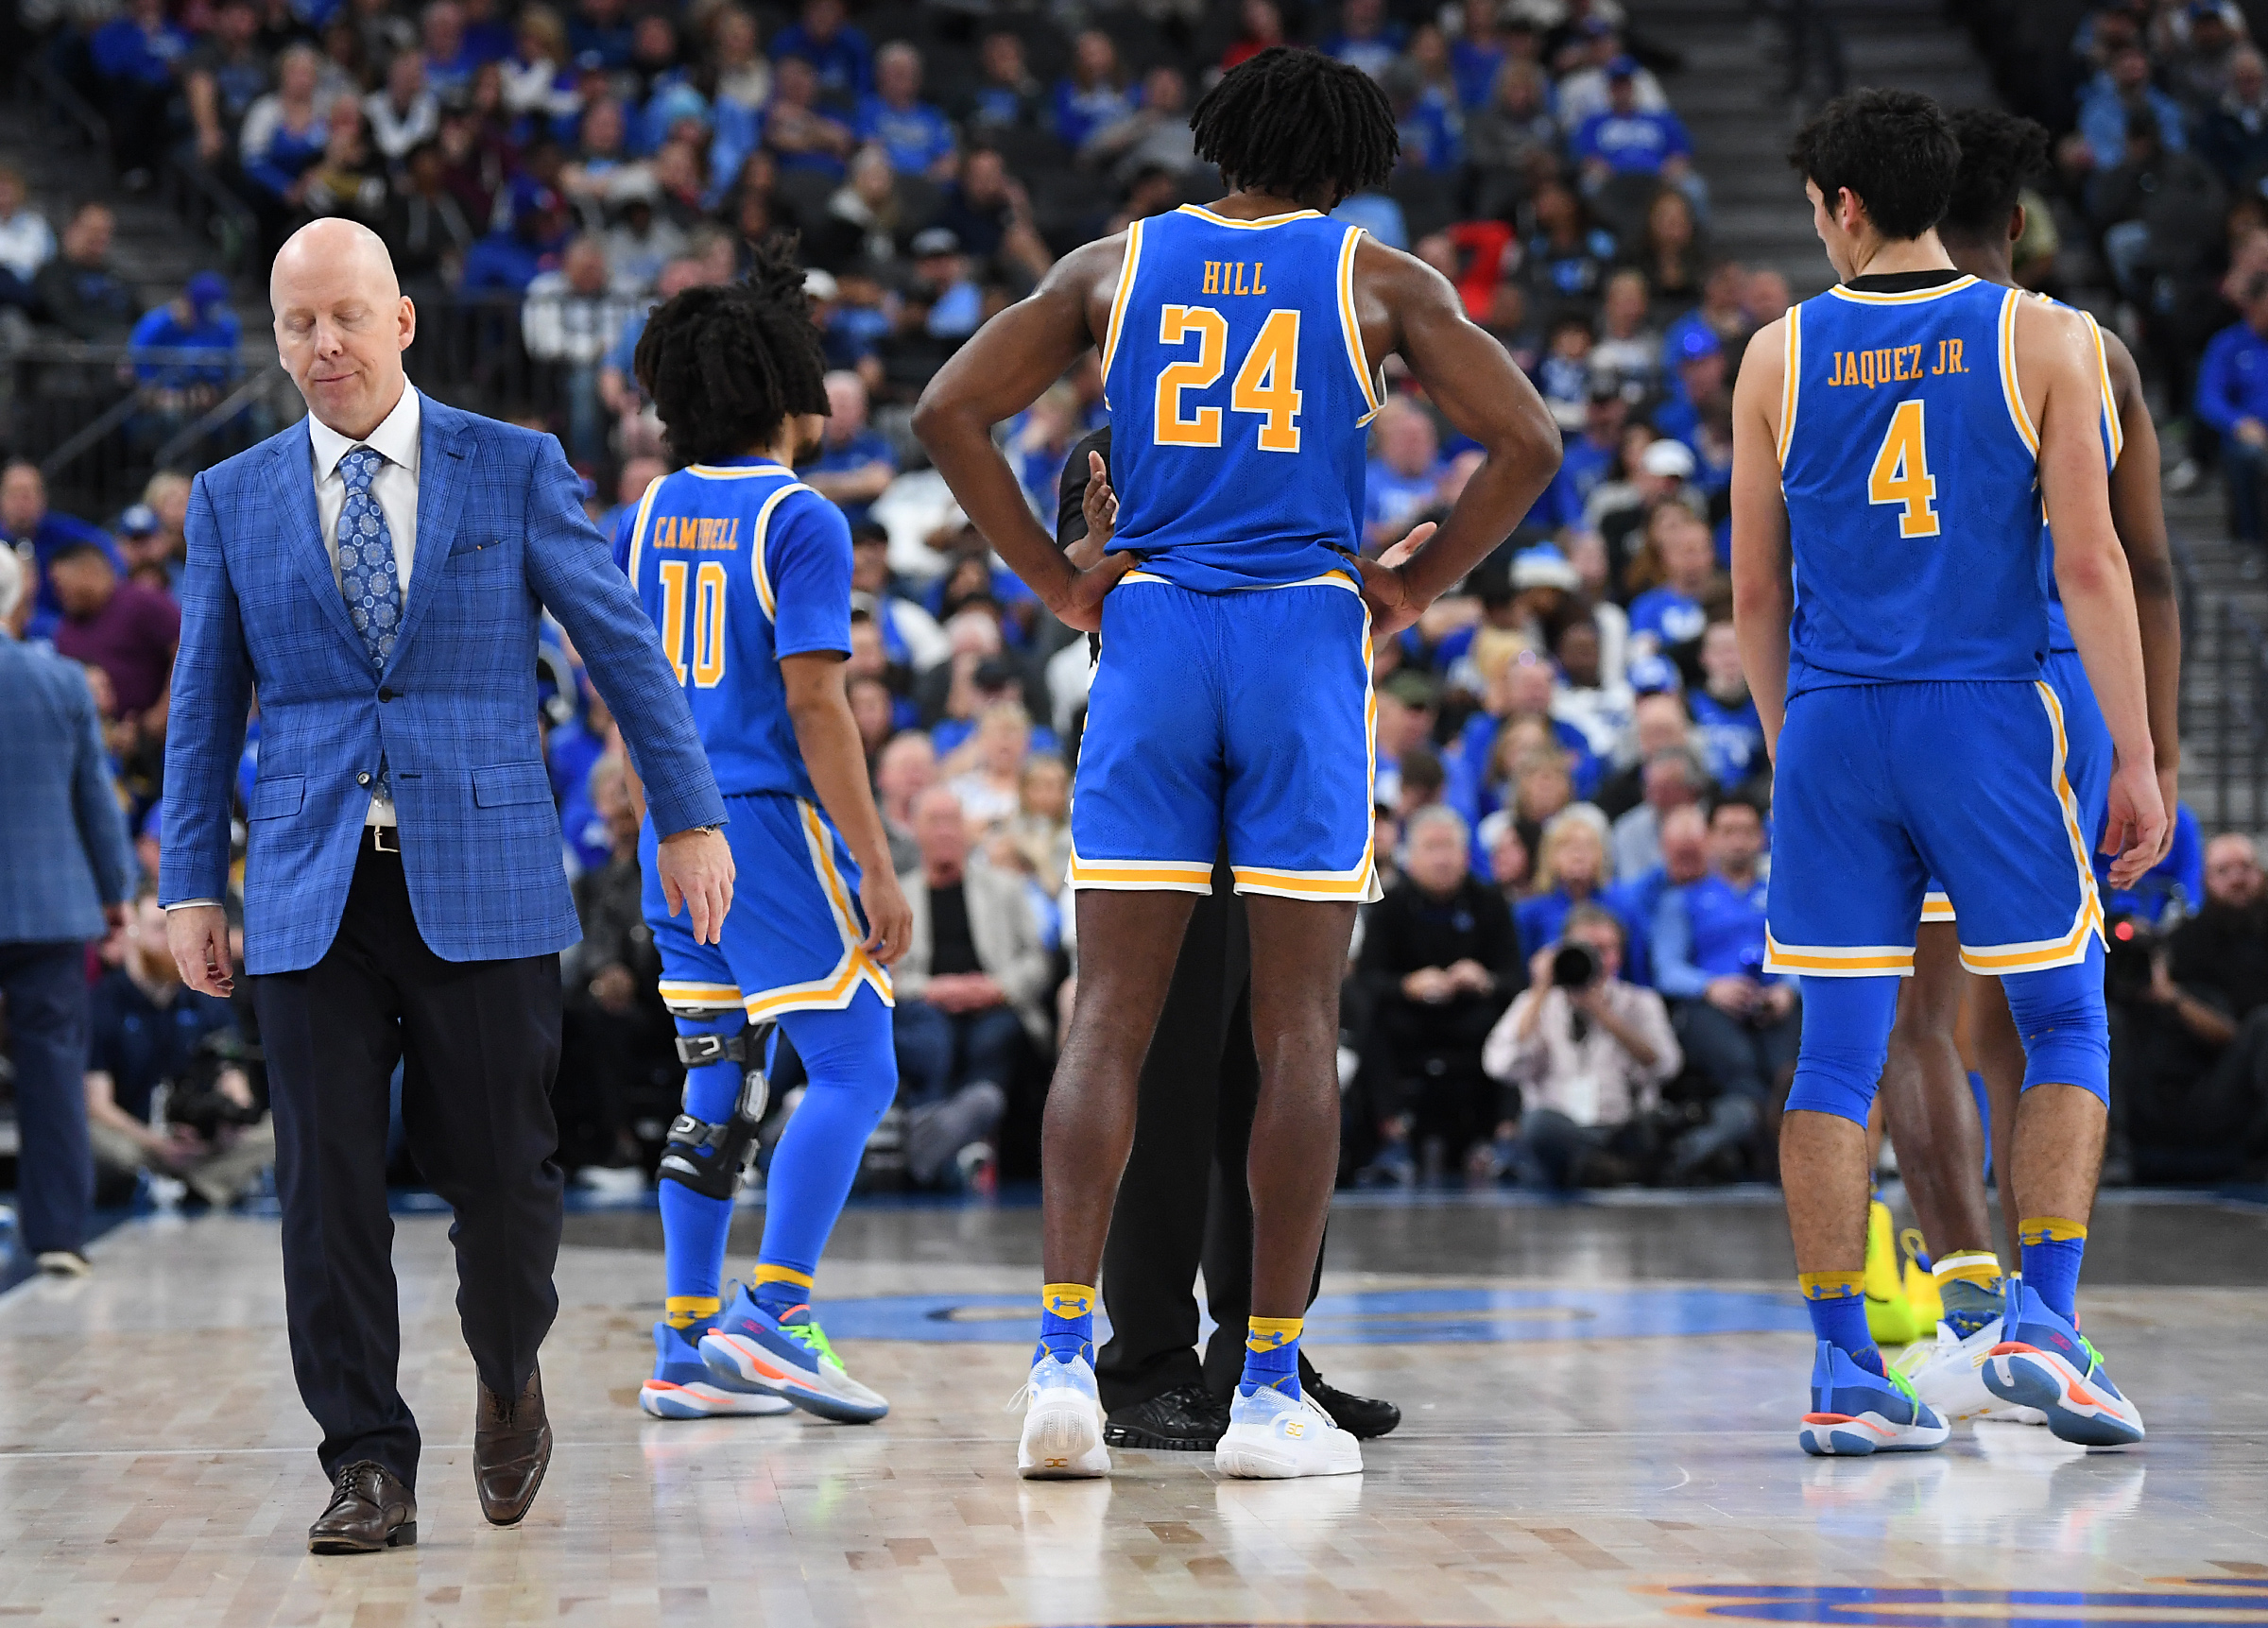 NCAA Basketball: UCLA at North Carolina